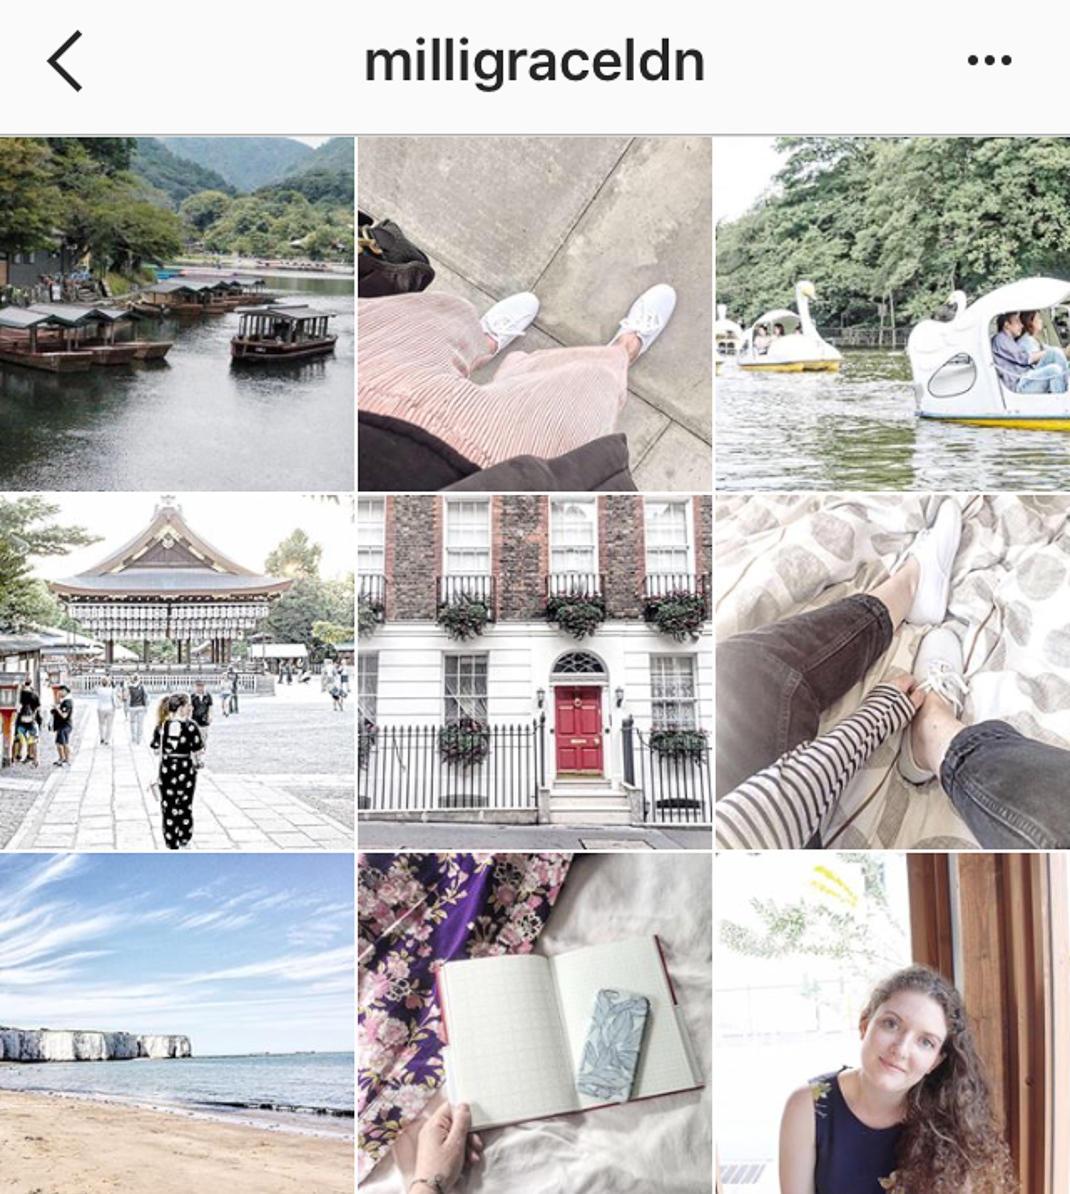 milligraceldn instagram